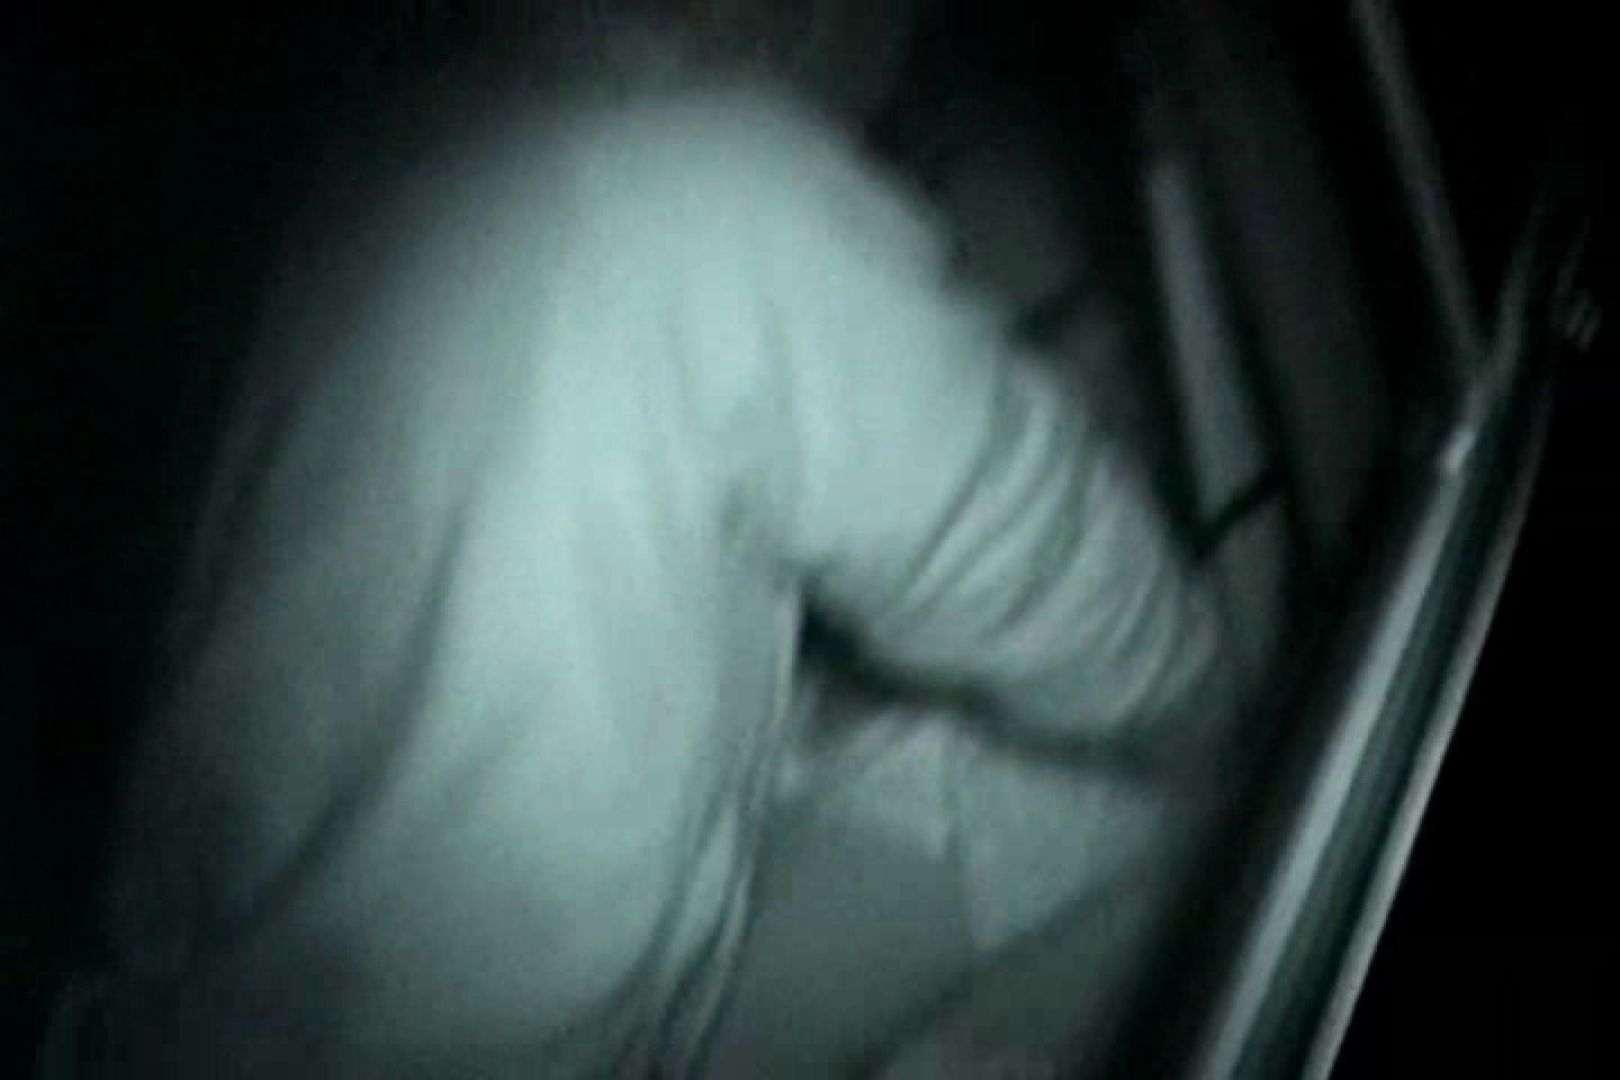 充血監督の深夜の運動会Vol.137 カップル  22pic 14